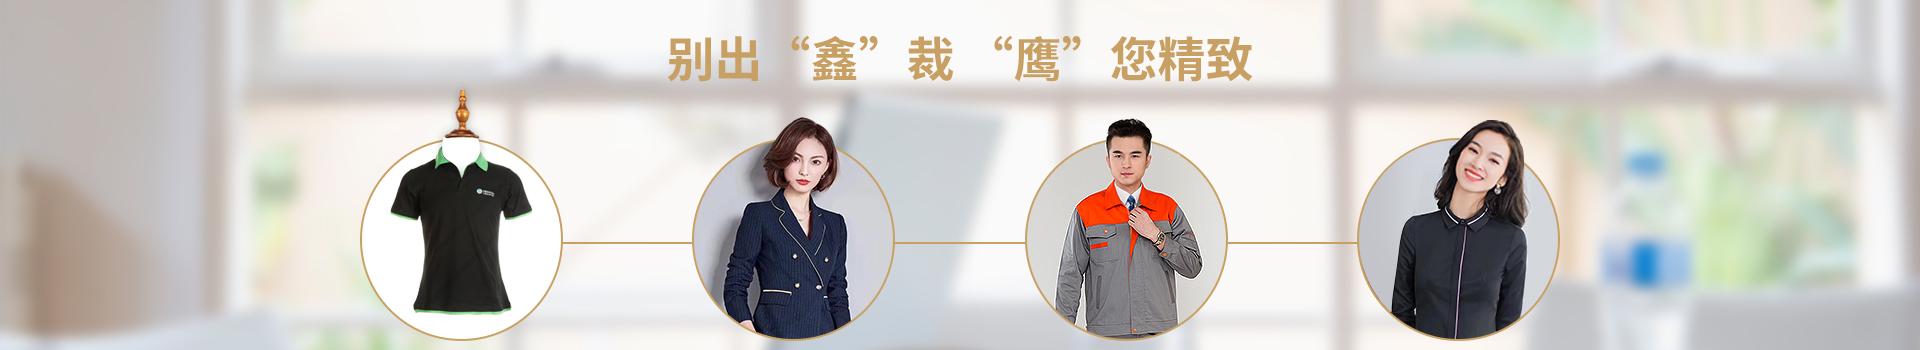 """鑫鹰服饰-别出""""鑫""""裁,""""鹰""""您精致"""